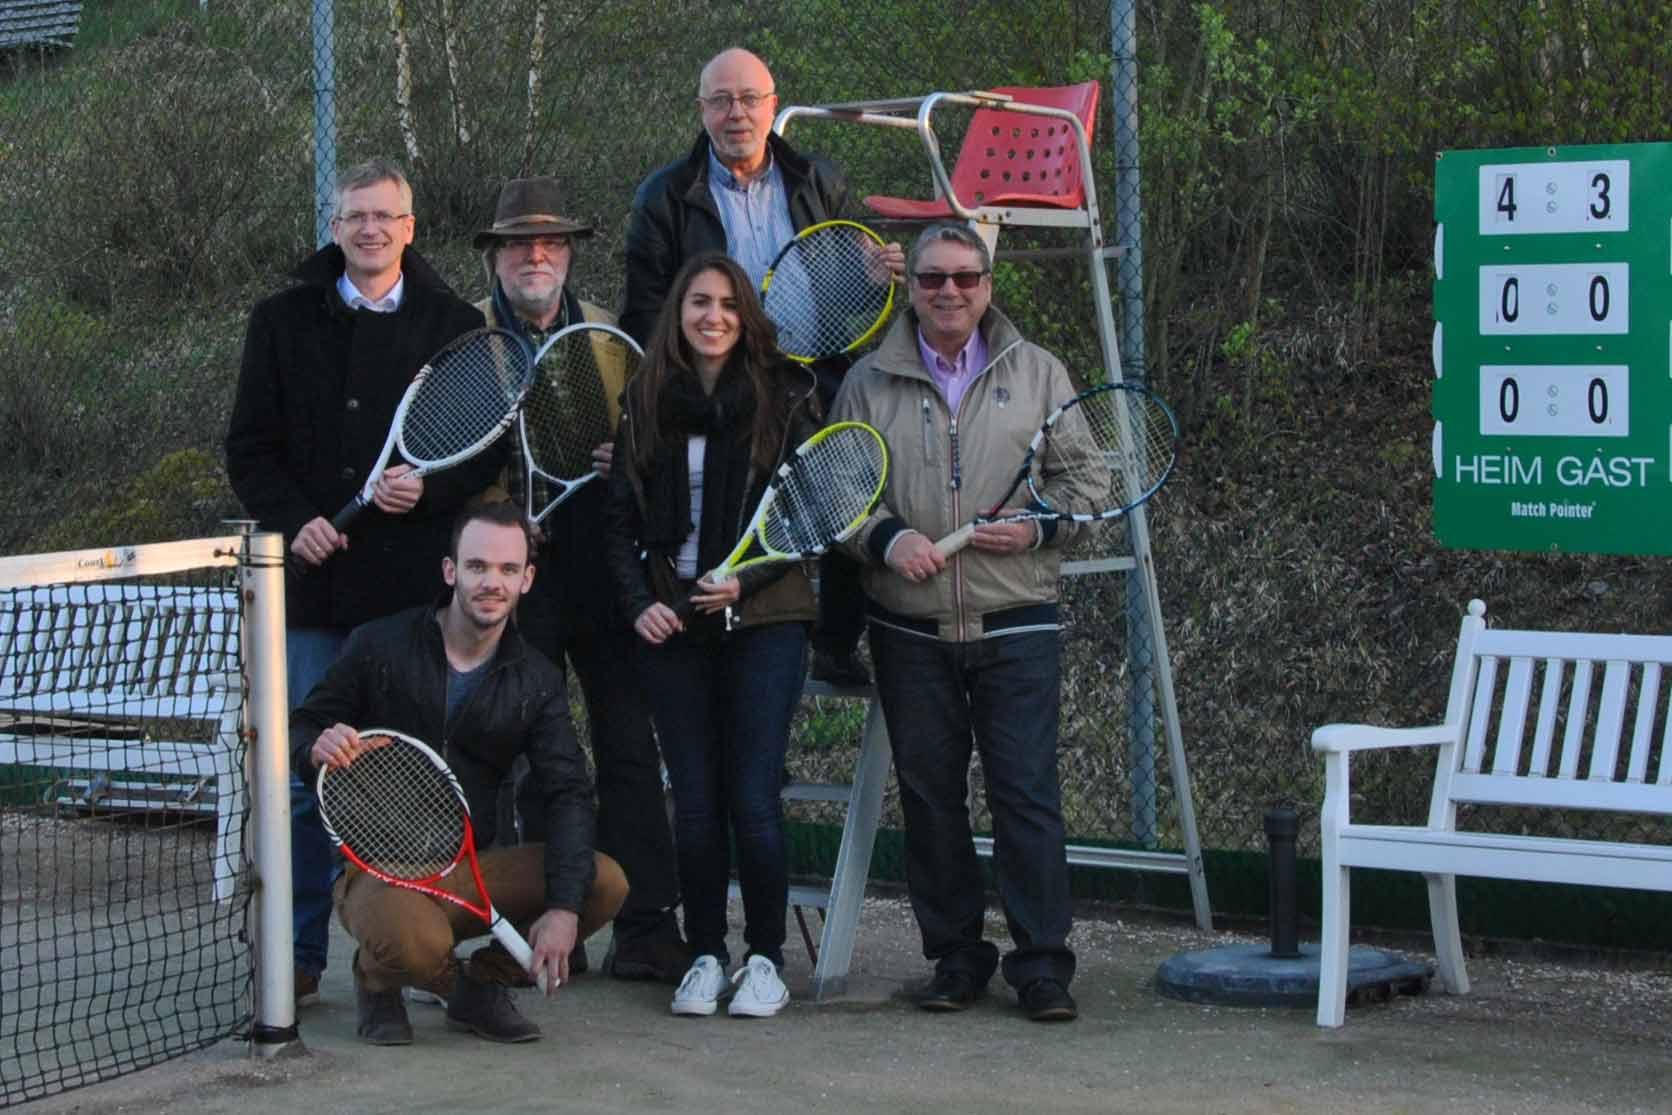 Tennisvorstand - Tennisabteilung des TUS Gutenberg